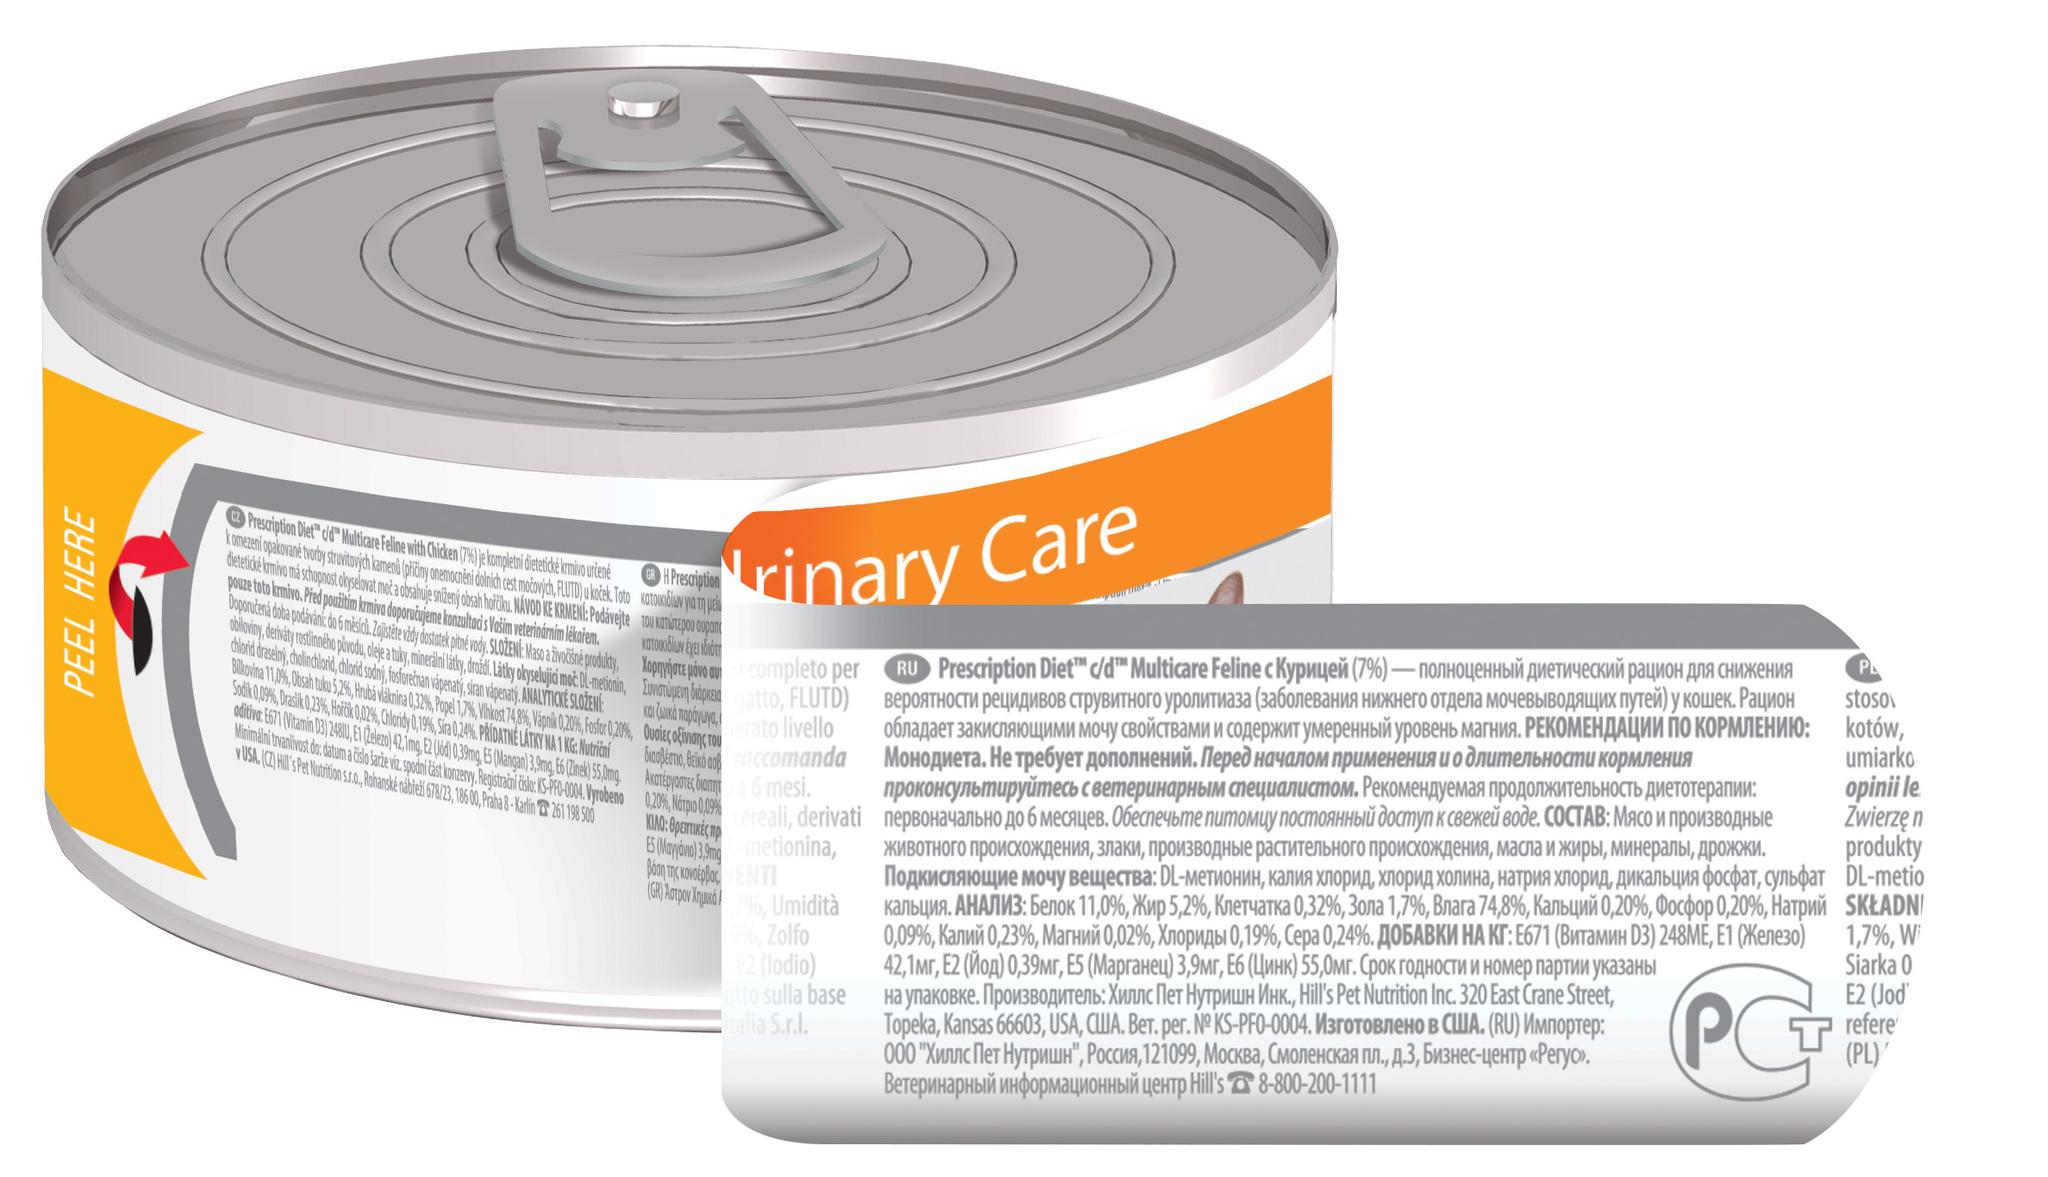 купить хиллс Hill's™ Prescription Diet™ Feline c/d™ Multicare with Chicken консервы (влажный корм) для взрослых кошек с курицей, профилактика МКБ